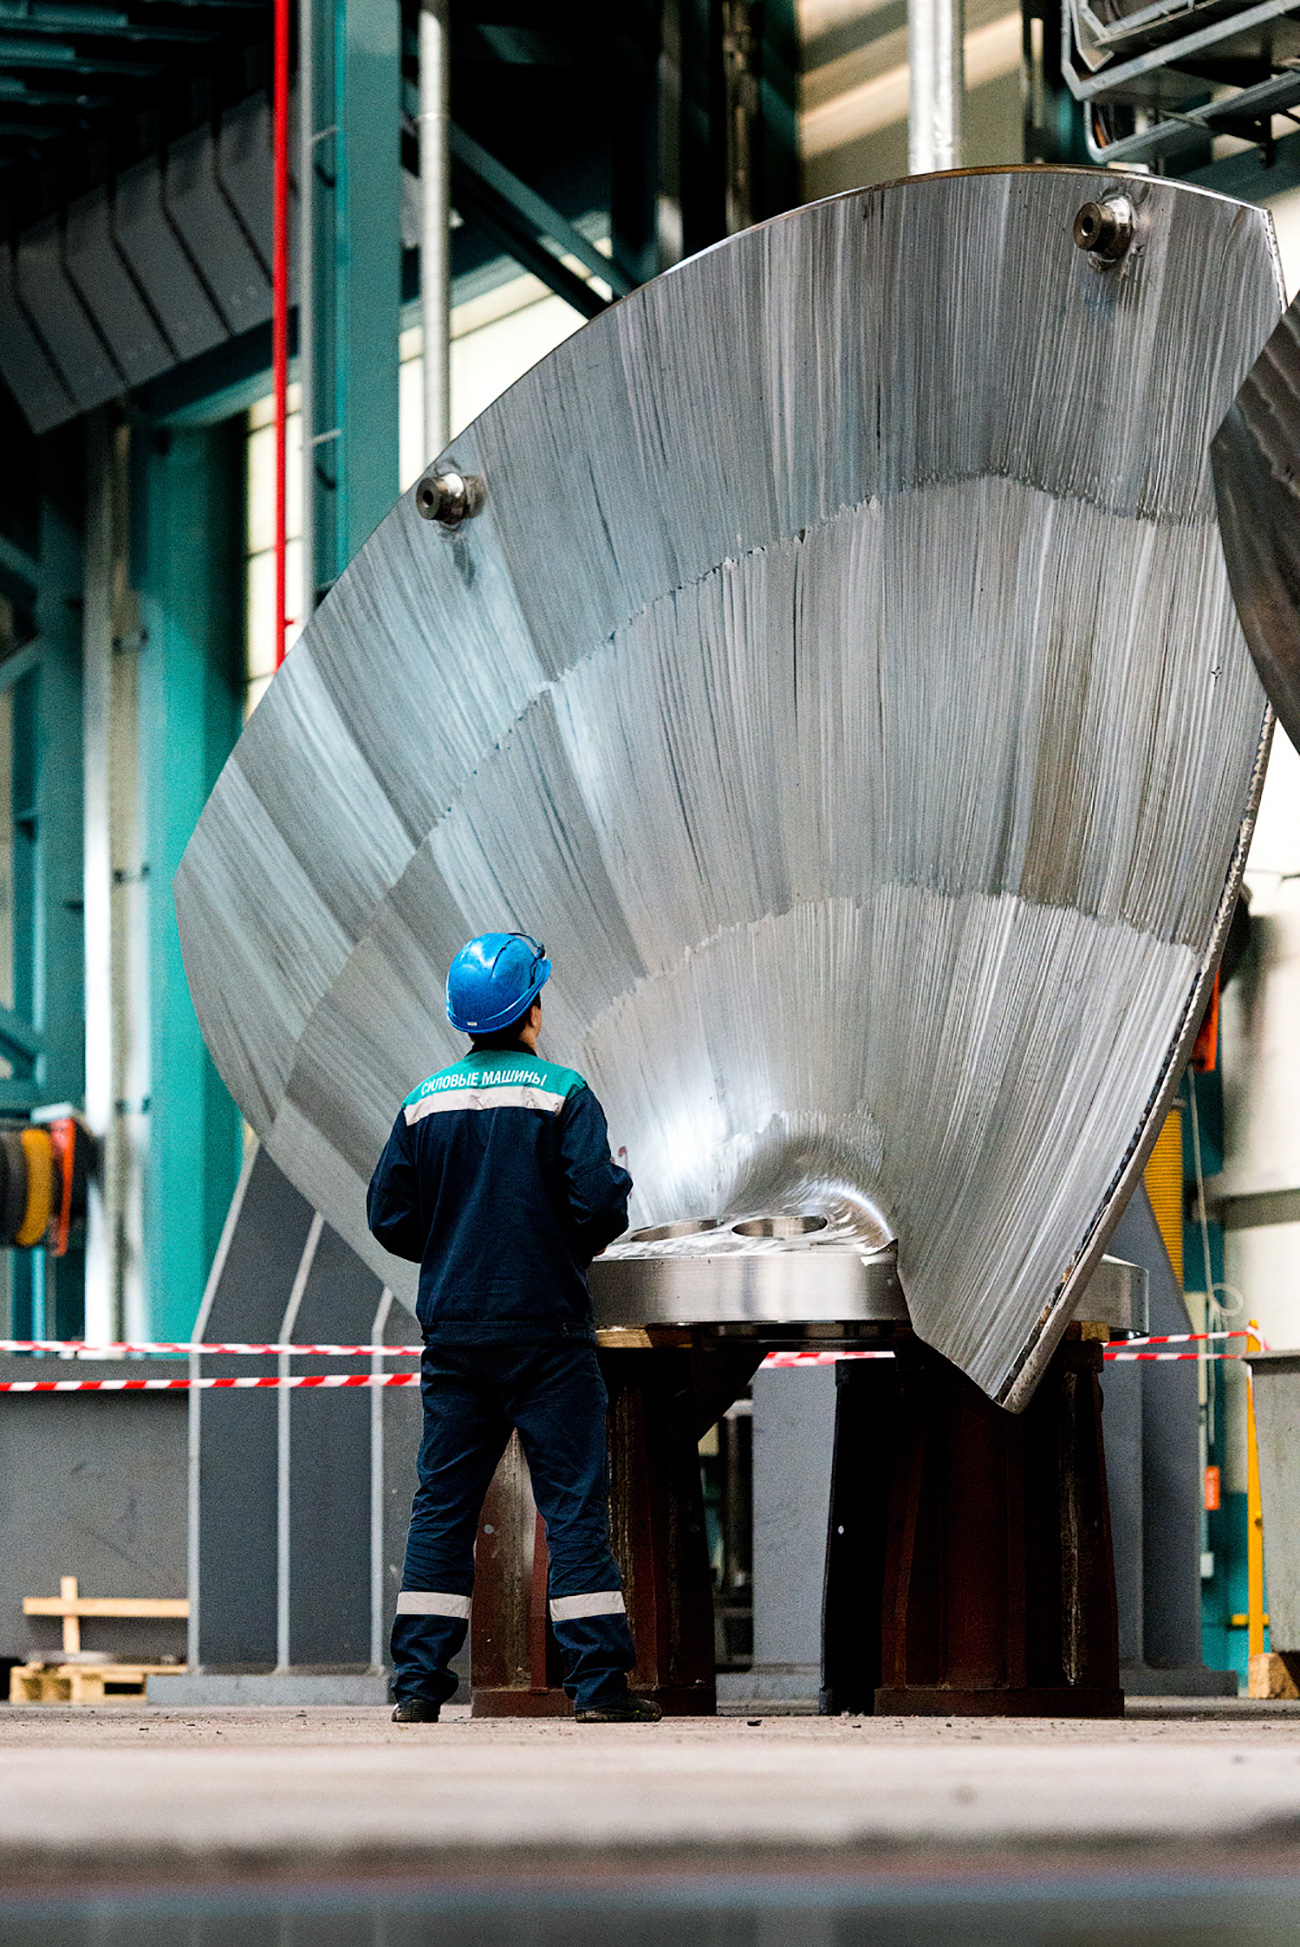 La plupart des centrales russes utilisent également des turbines fabriquées par LMZ. Ses ingénieurs ont construit la centrale hydroélectrique de Saïano-Chouchensk, la plus grande en Russie. En août 2009, elle a subi un accident terrible qui a provoqué l'inondation de l'ensemble des machines.